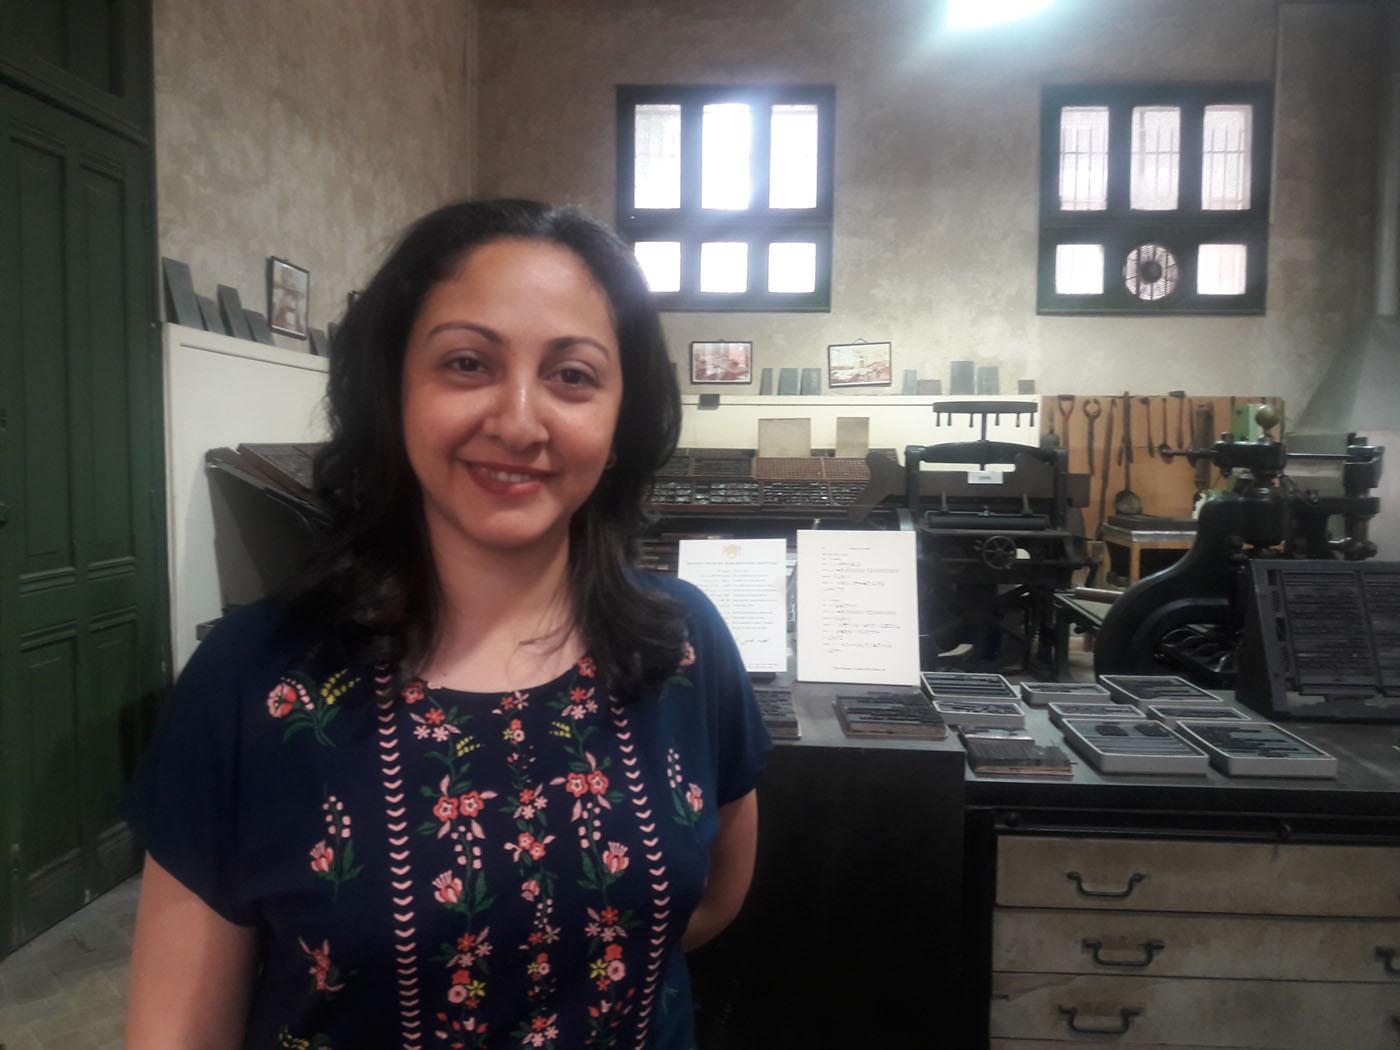 ليليان أمين مُساعد قسم النشر بالمعهد العلمي الفرنسي